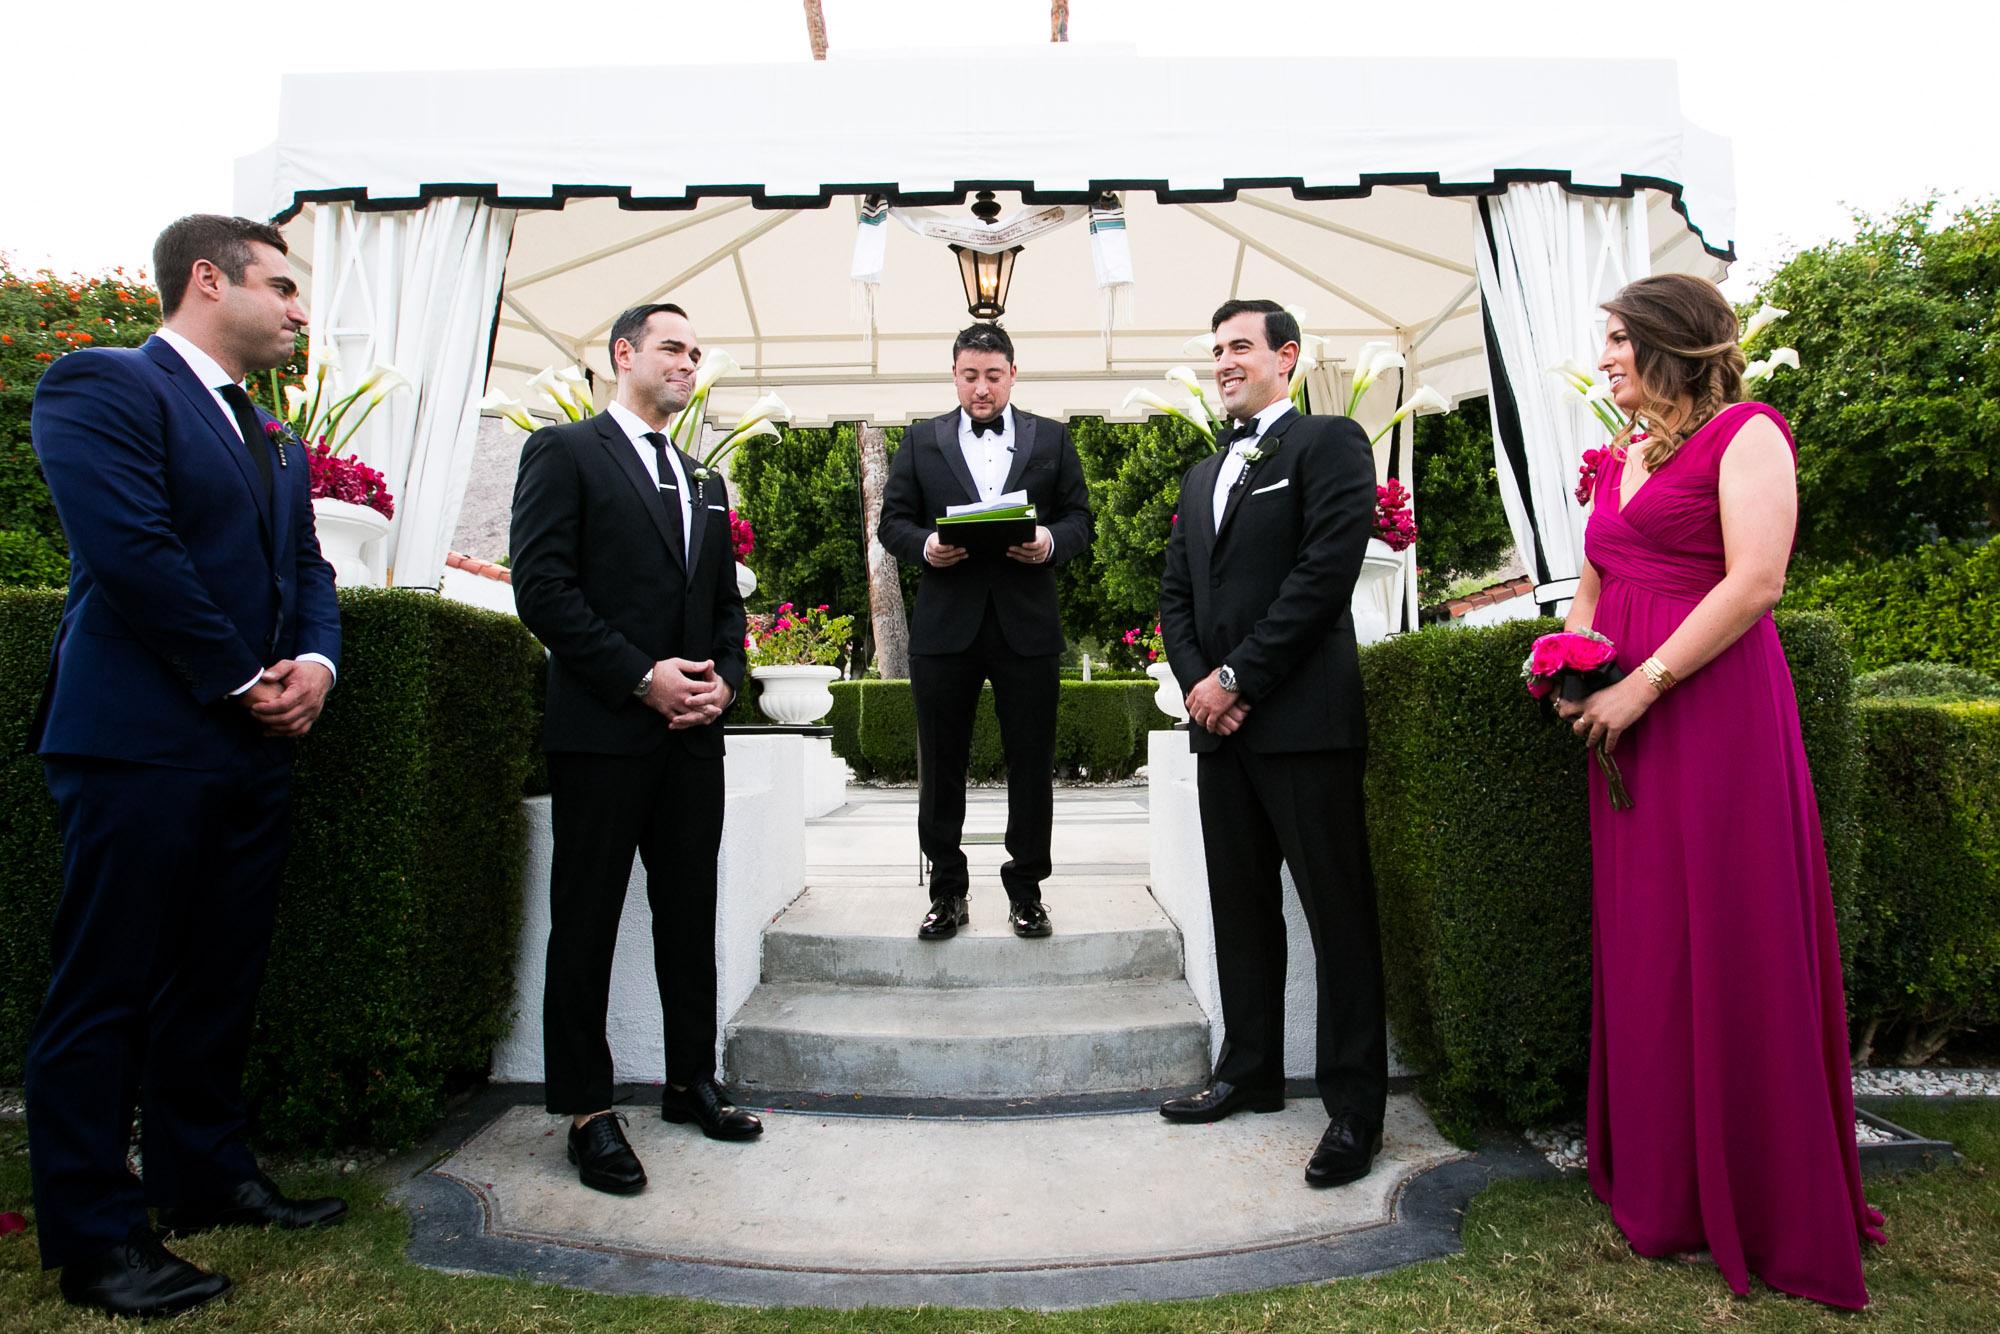 540-151025-Shane-Josh-Wedding-5279-Edit